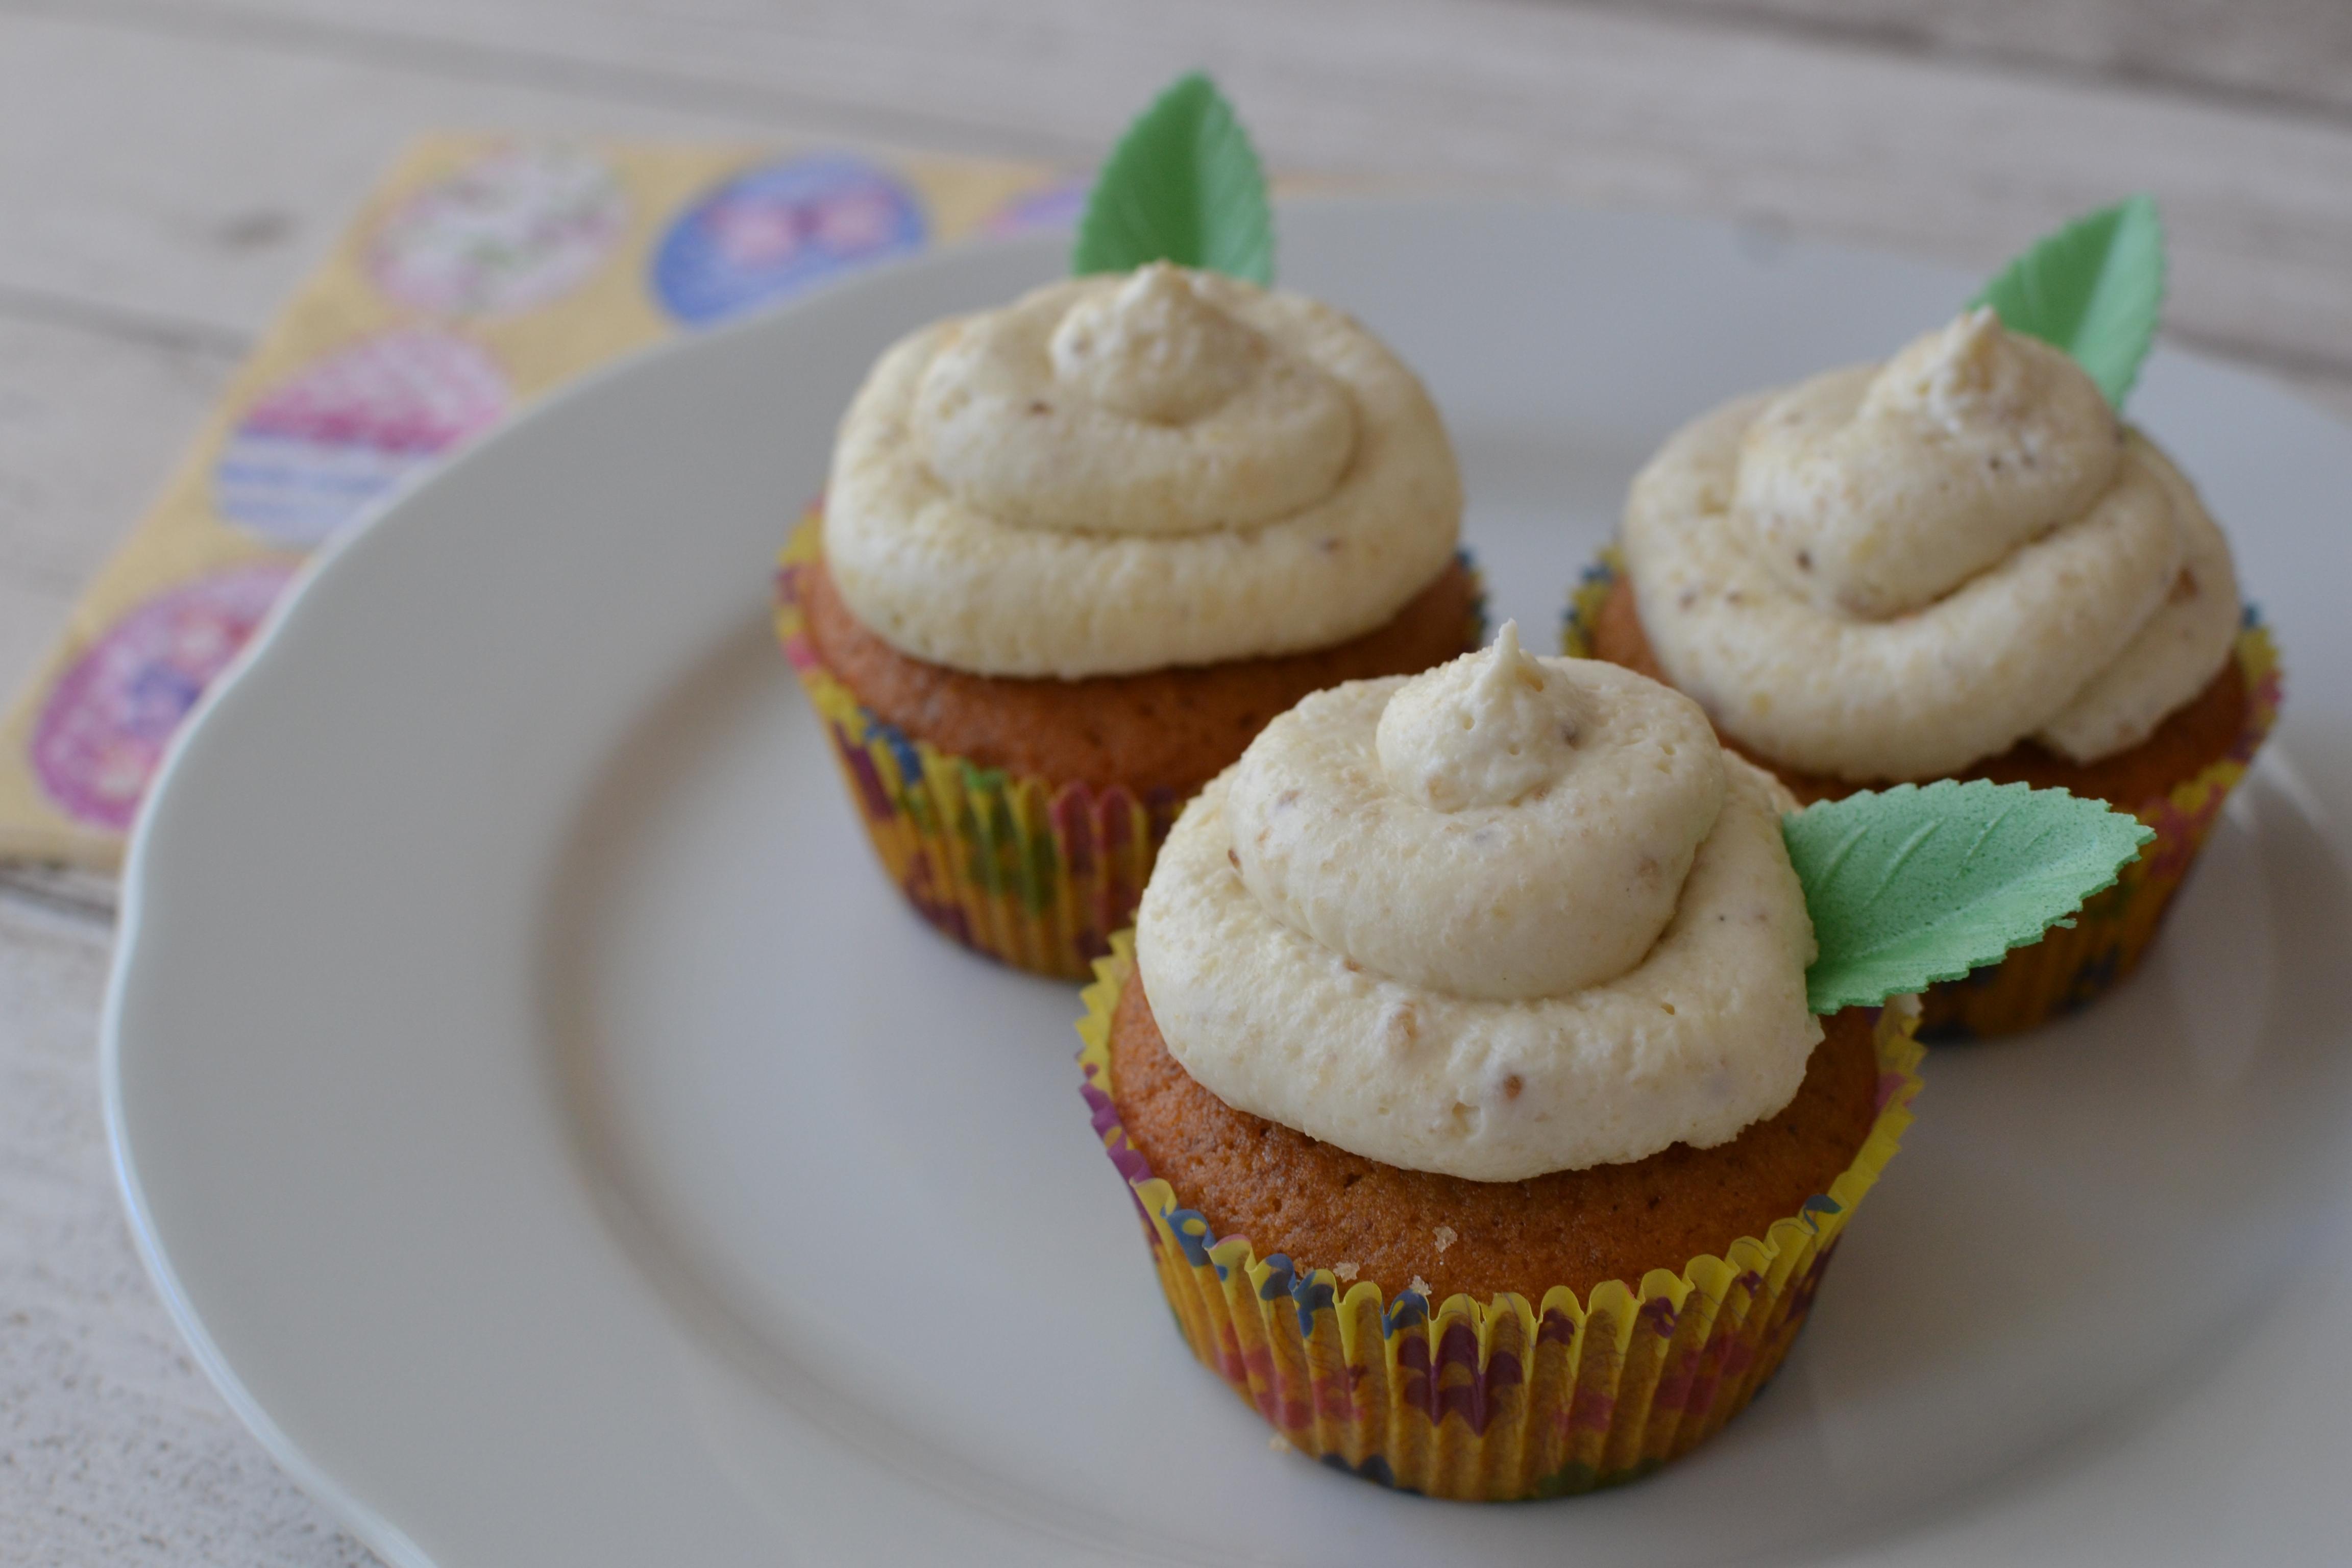 Velikonoční cupcakes medem a ořechy